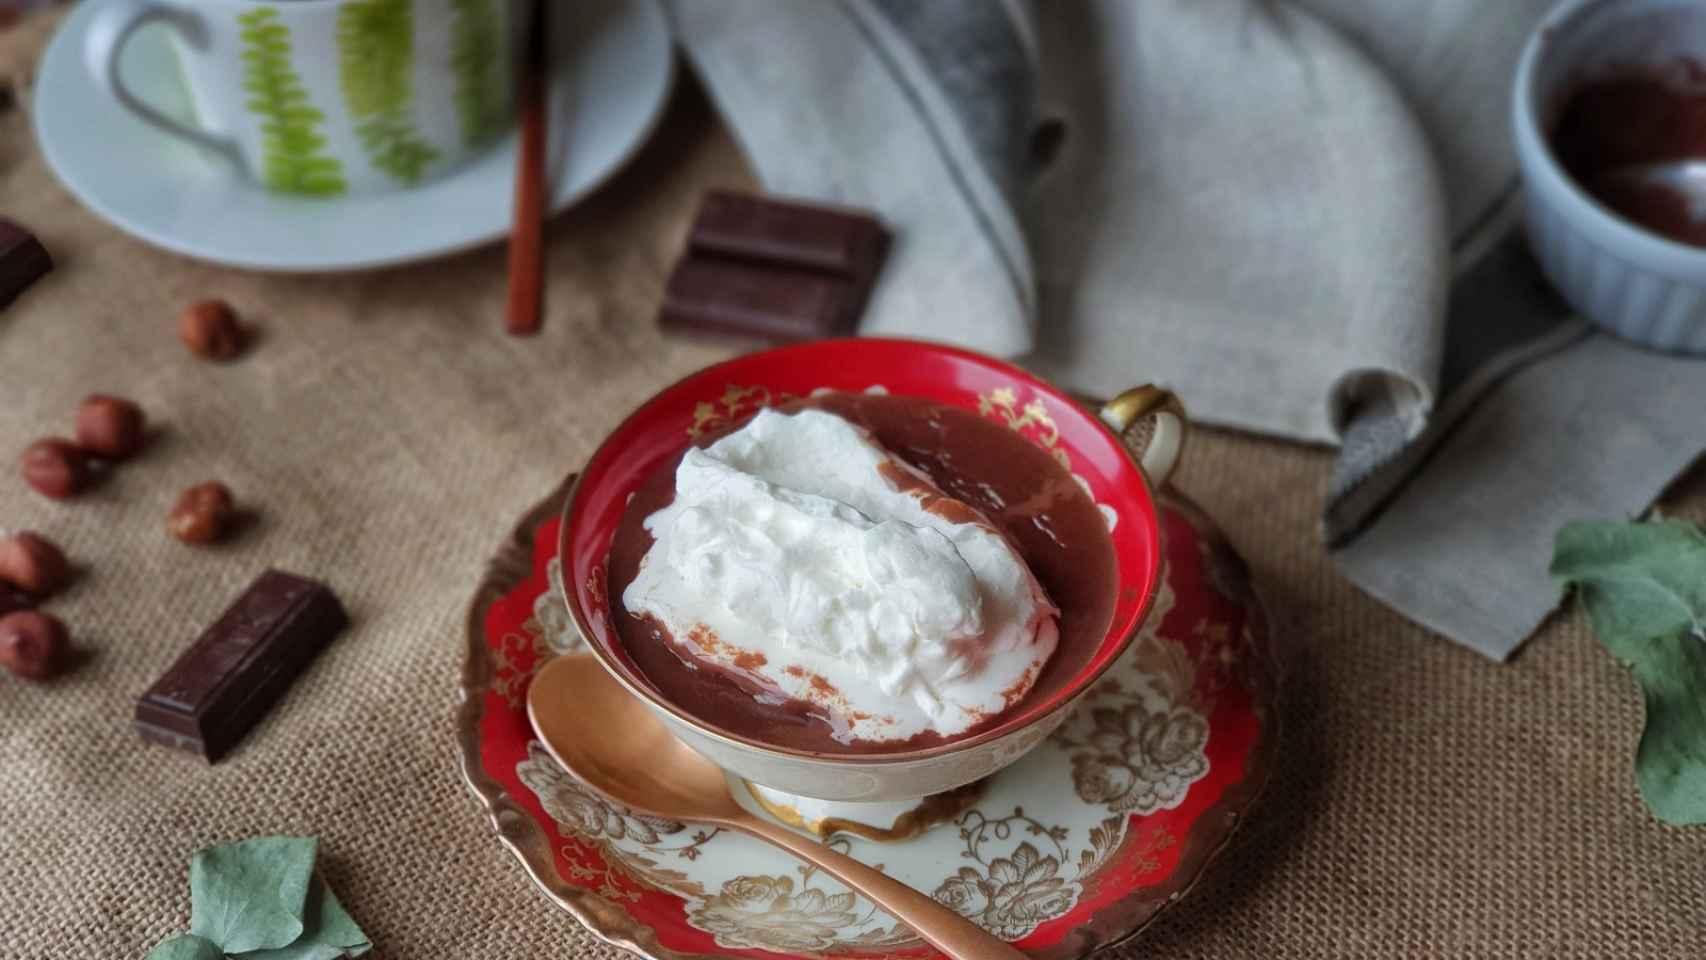 Chocolate caliente a la taza, receta con fotografías paso a paso